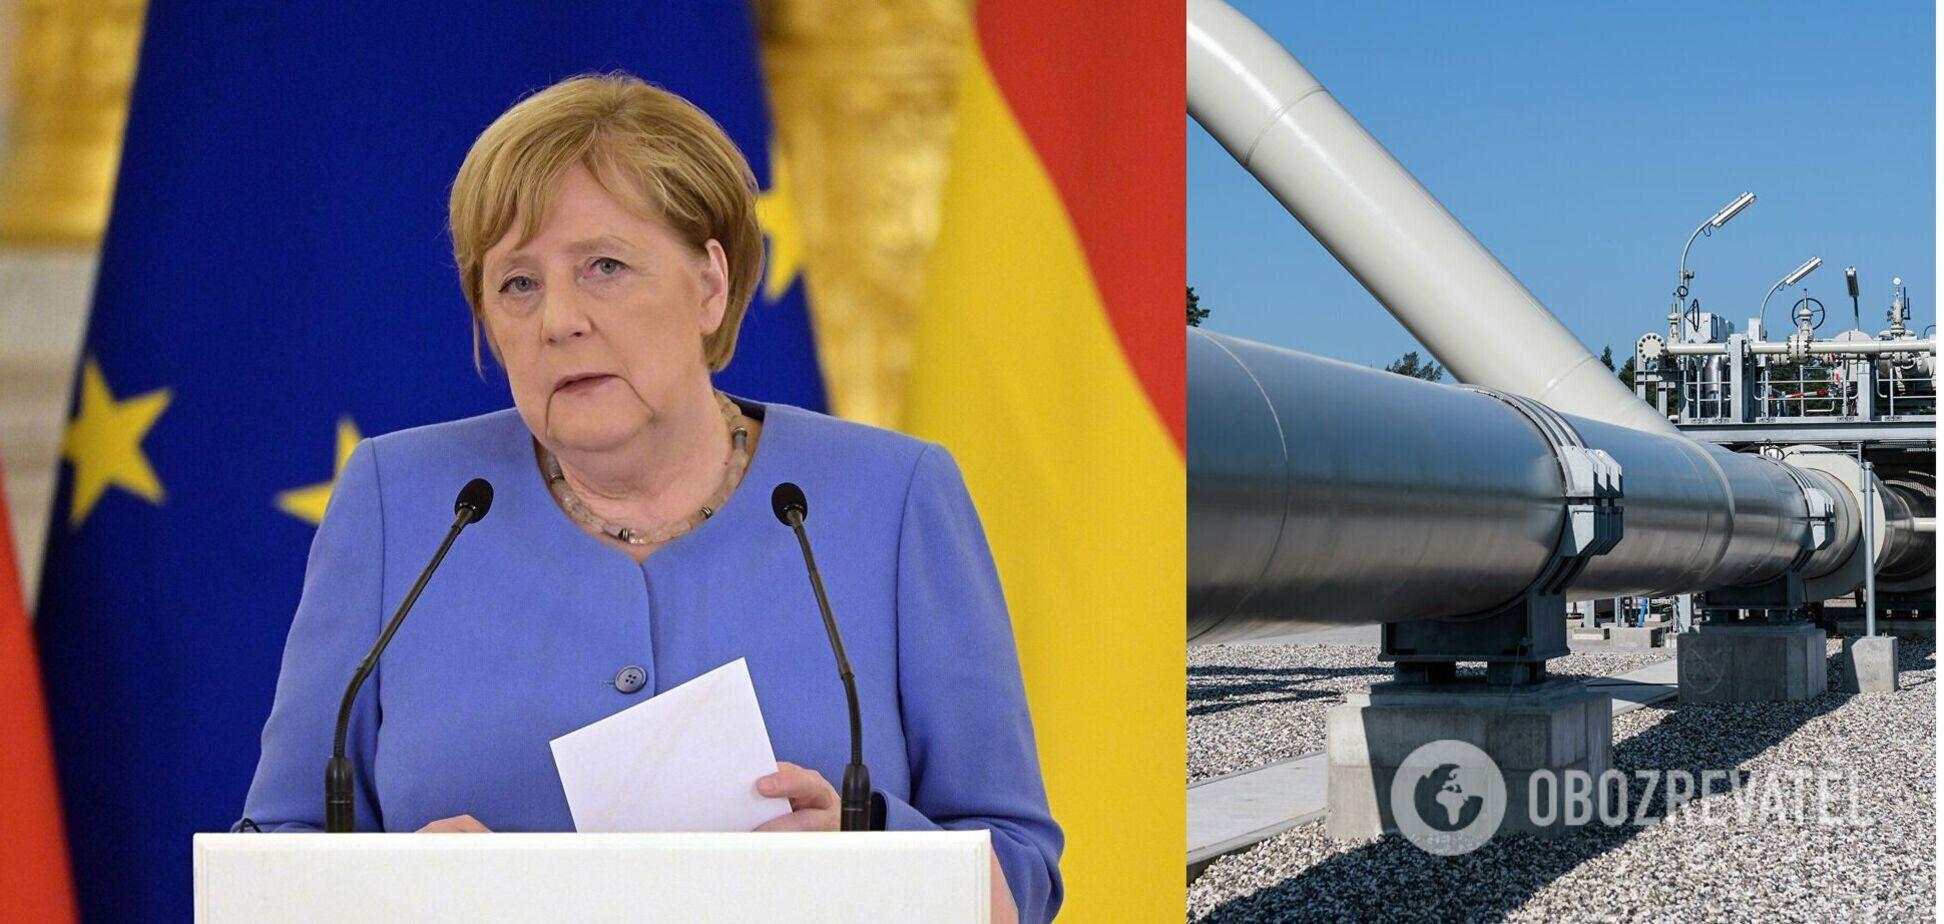 Меркель виступила за транзит газу Україною і пригрозила РФ новими санкціями